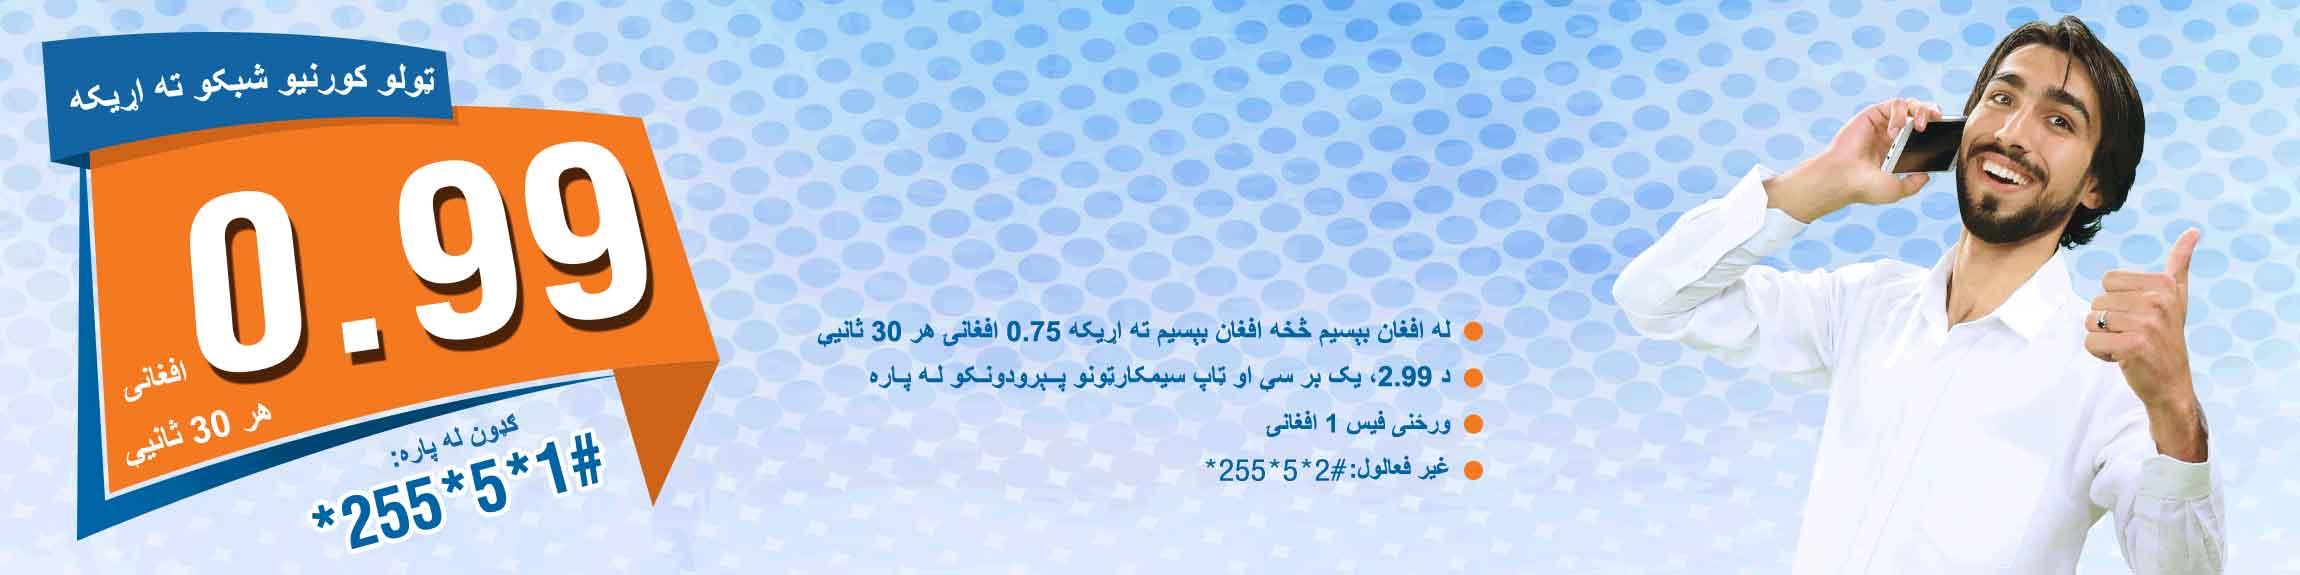 All-Net-Offer-English-For-Website-Pashto-we